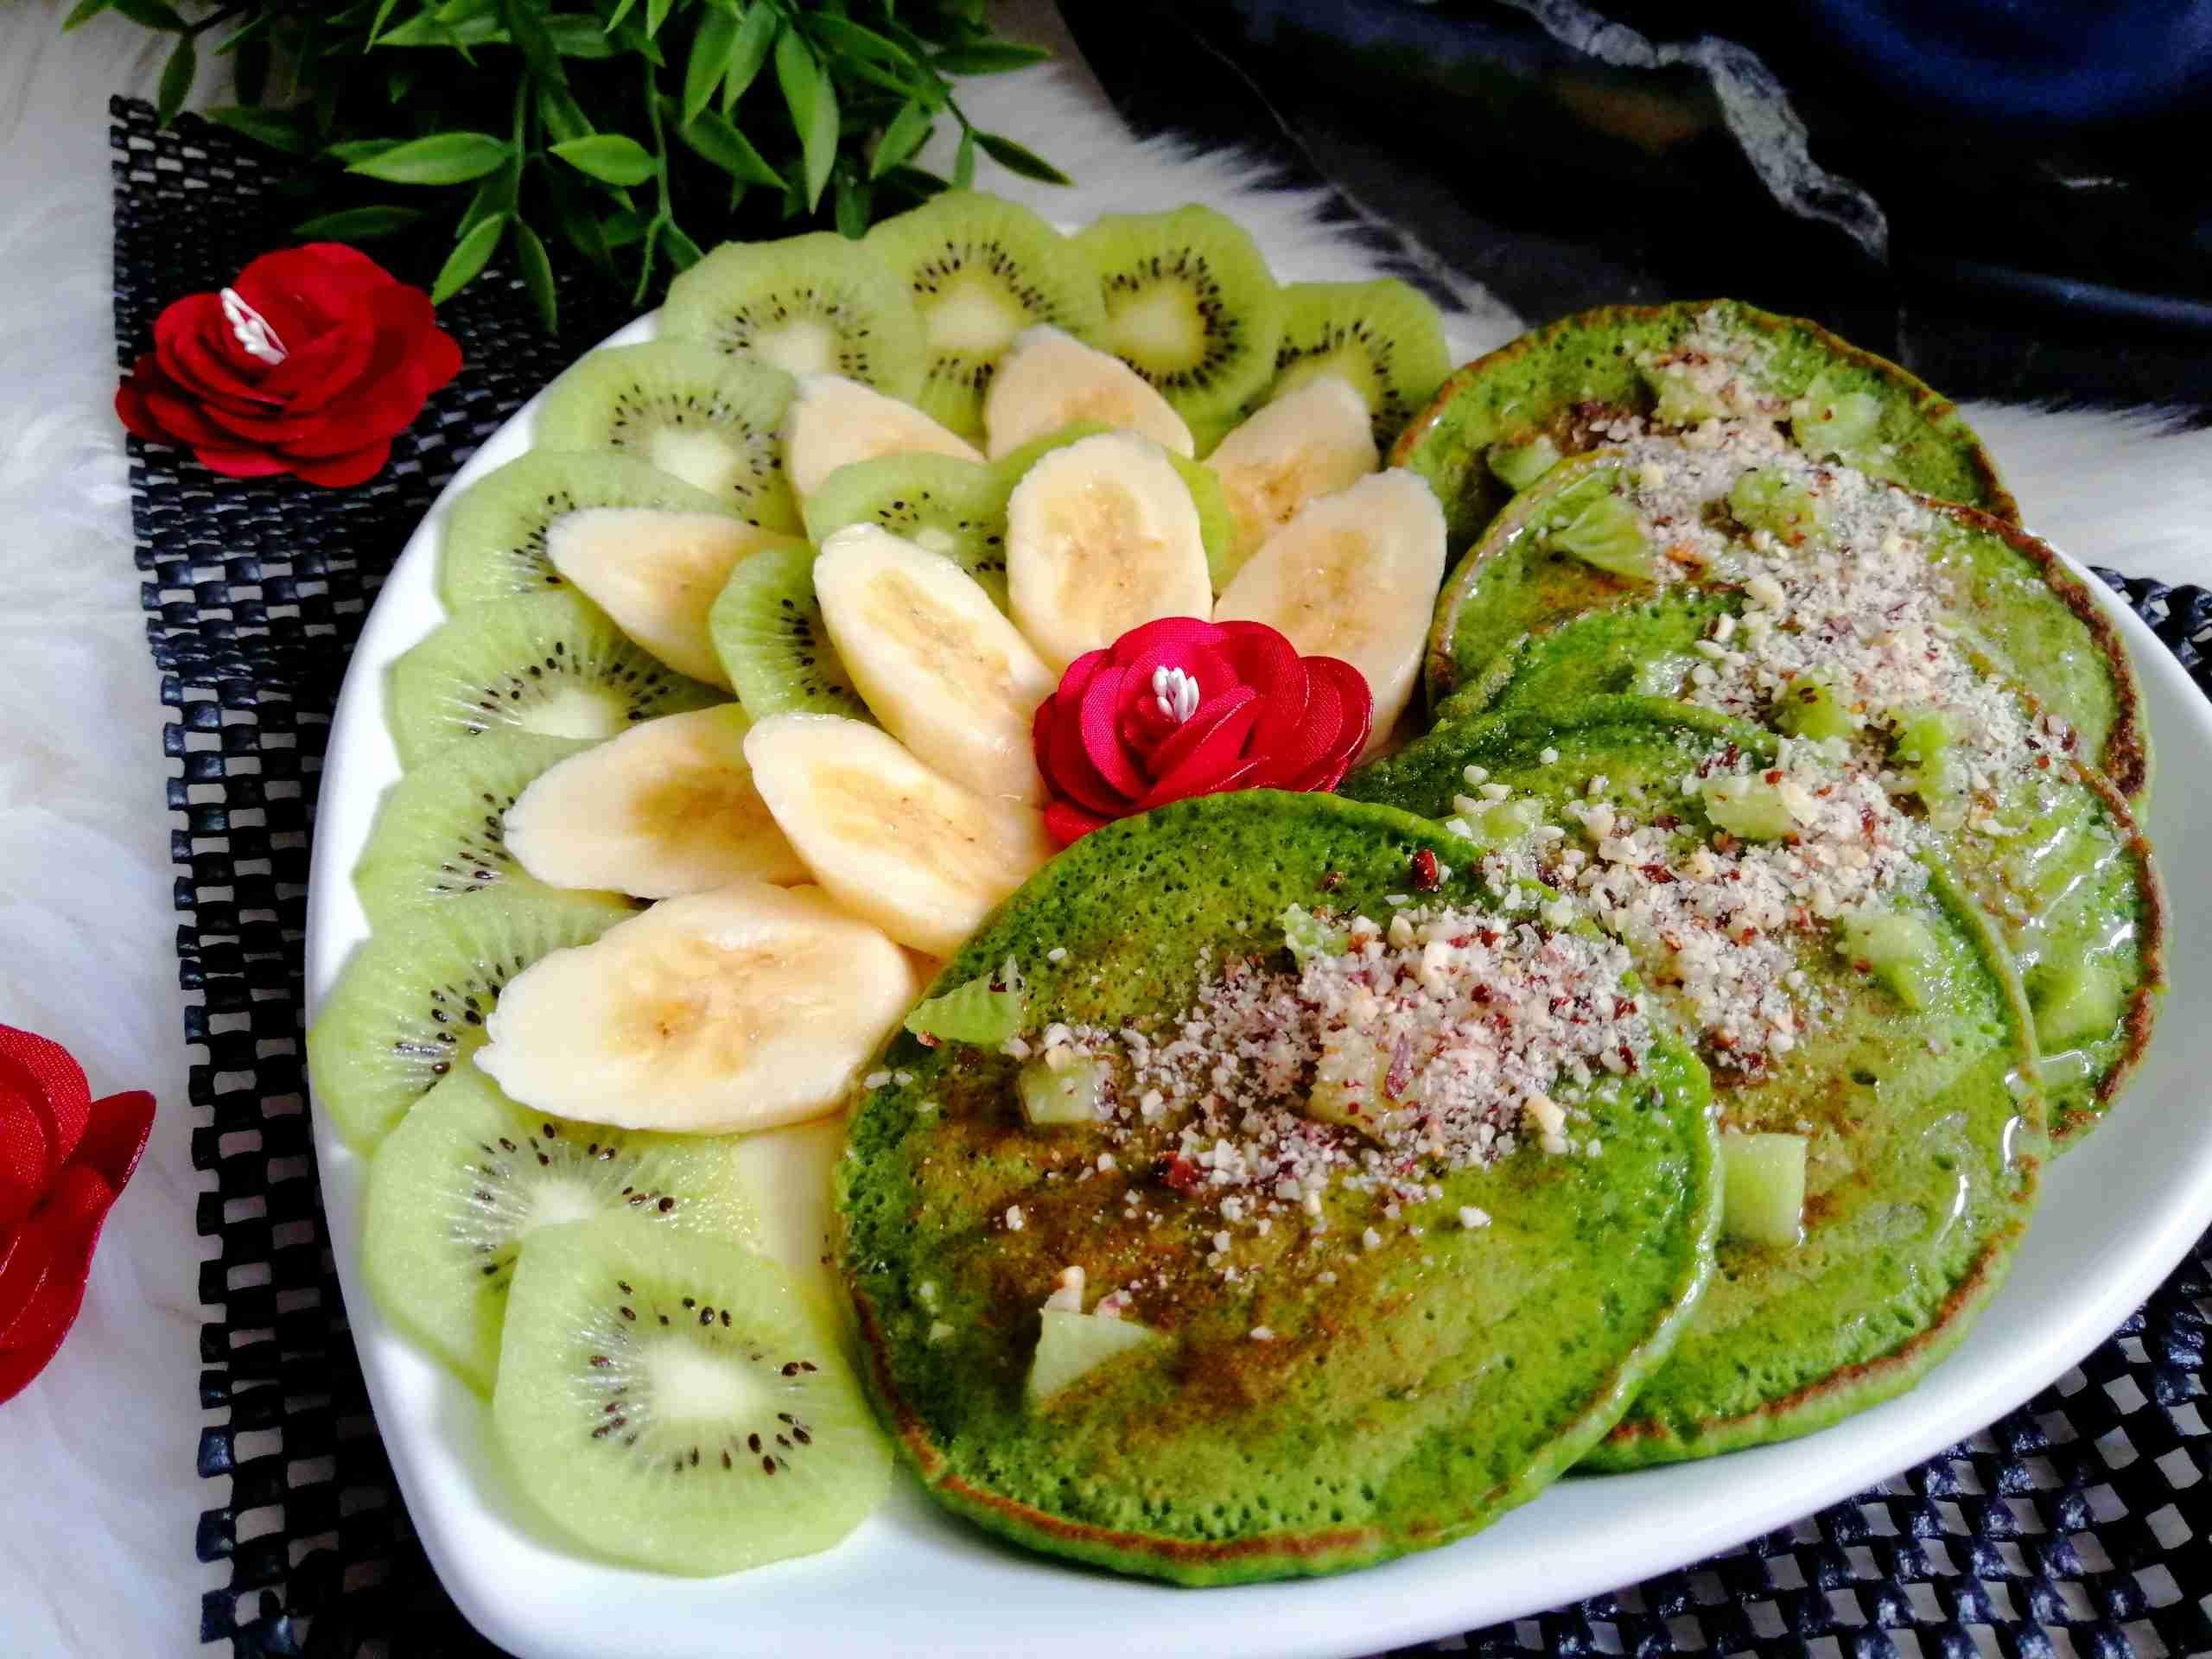 بان كيك خرافي من اختراعي بالشوفان والسبانخ دورة الطبخ 5 زاكي Recipe Food Avocado Toast Yummy